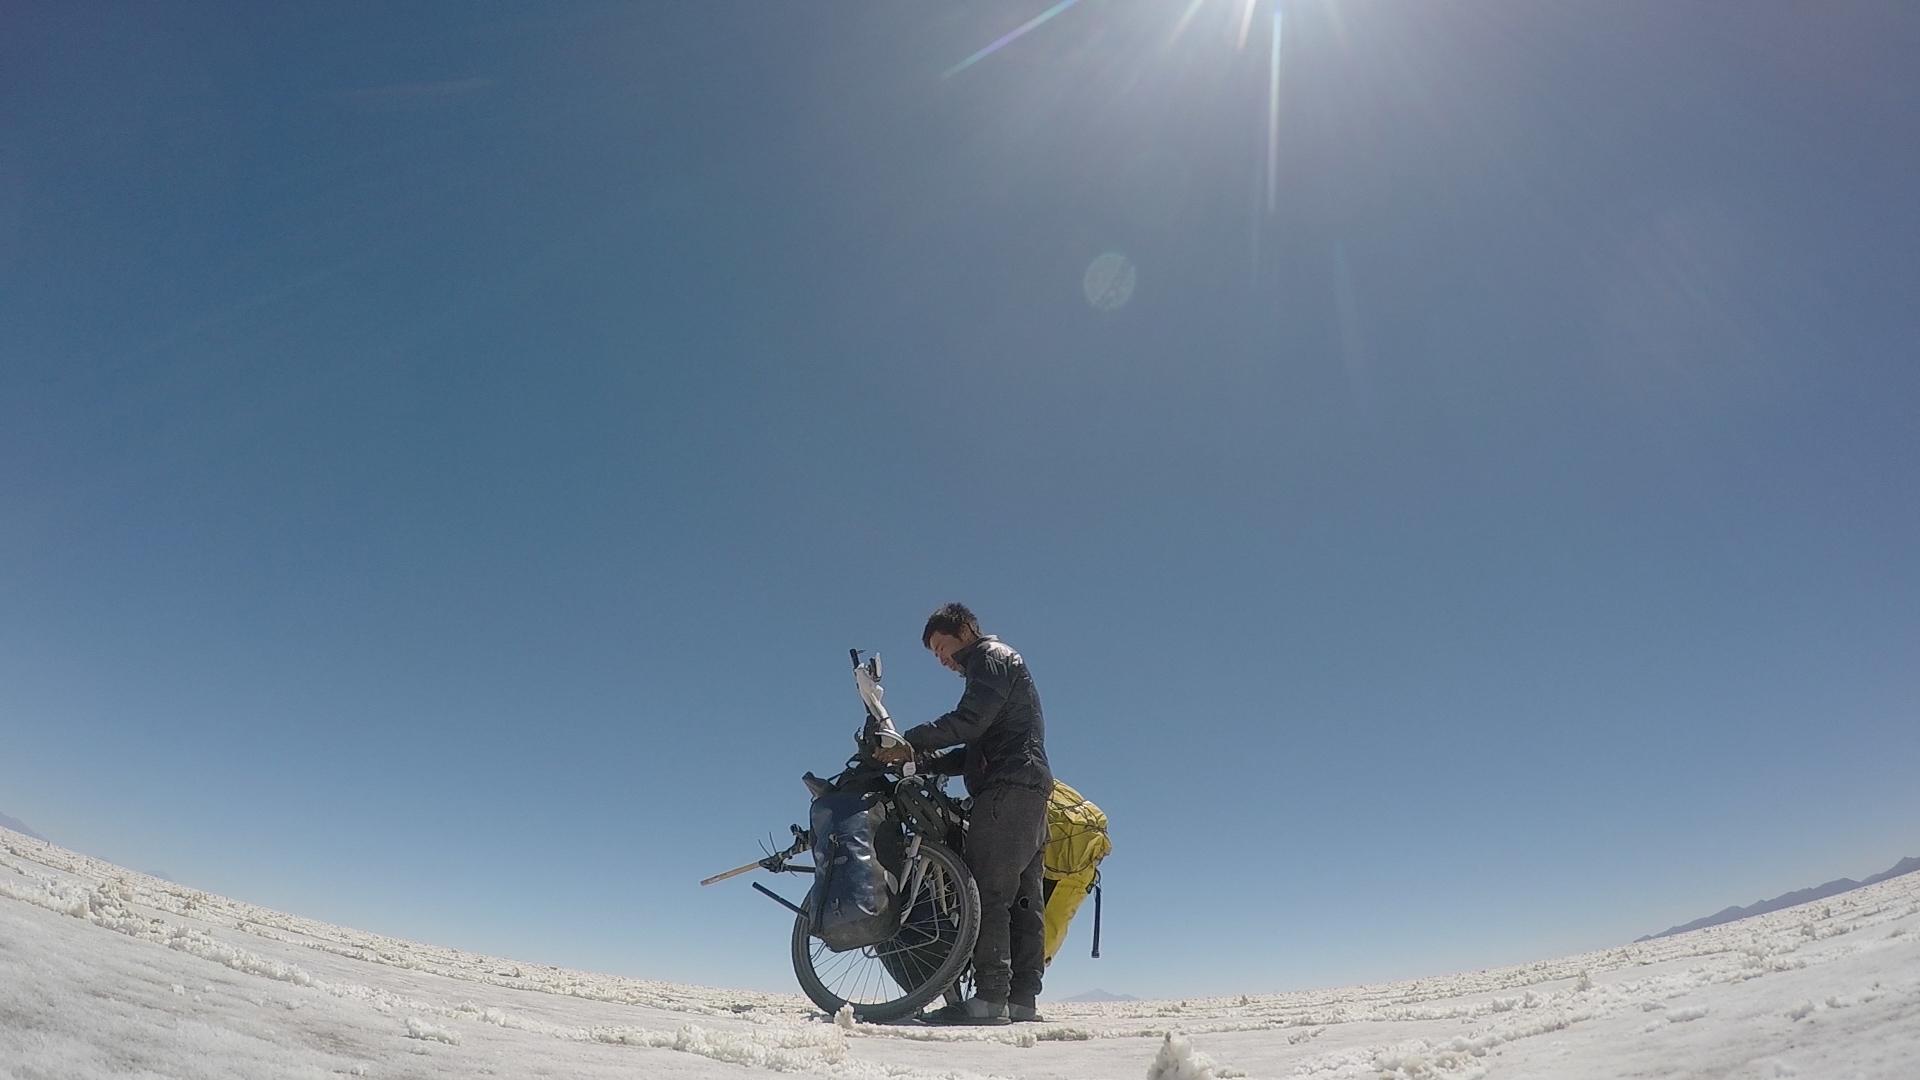 ウユニ塩湖から生放送した様子